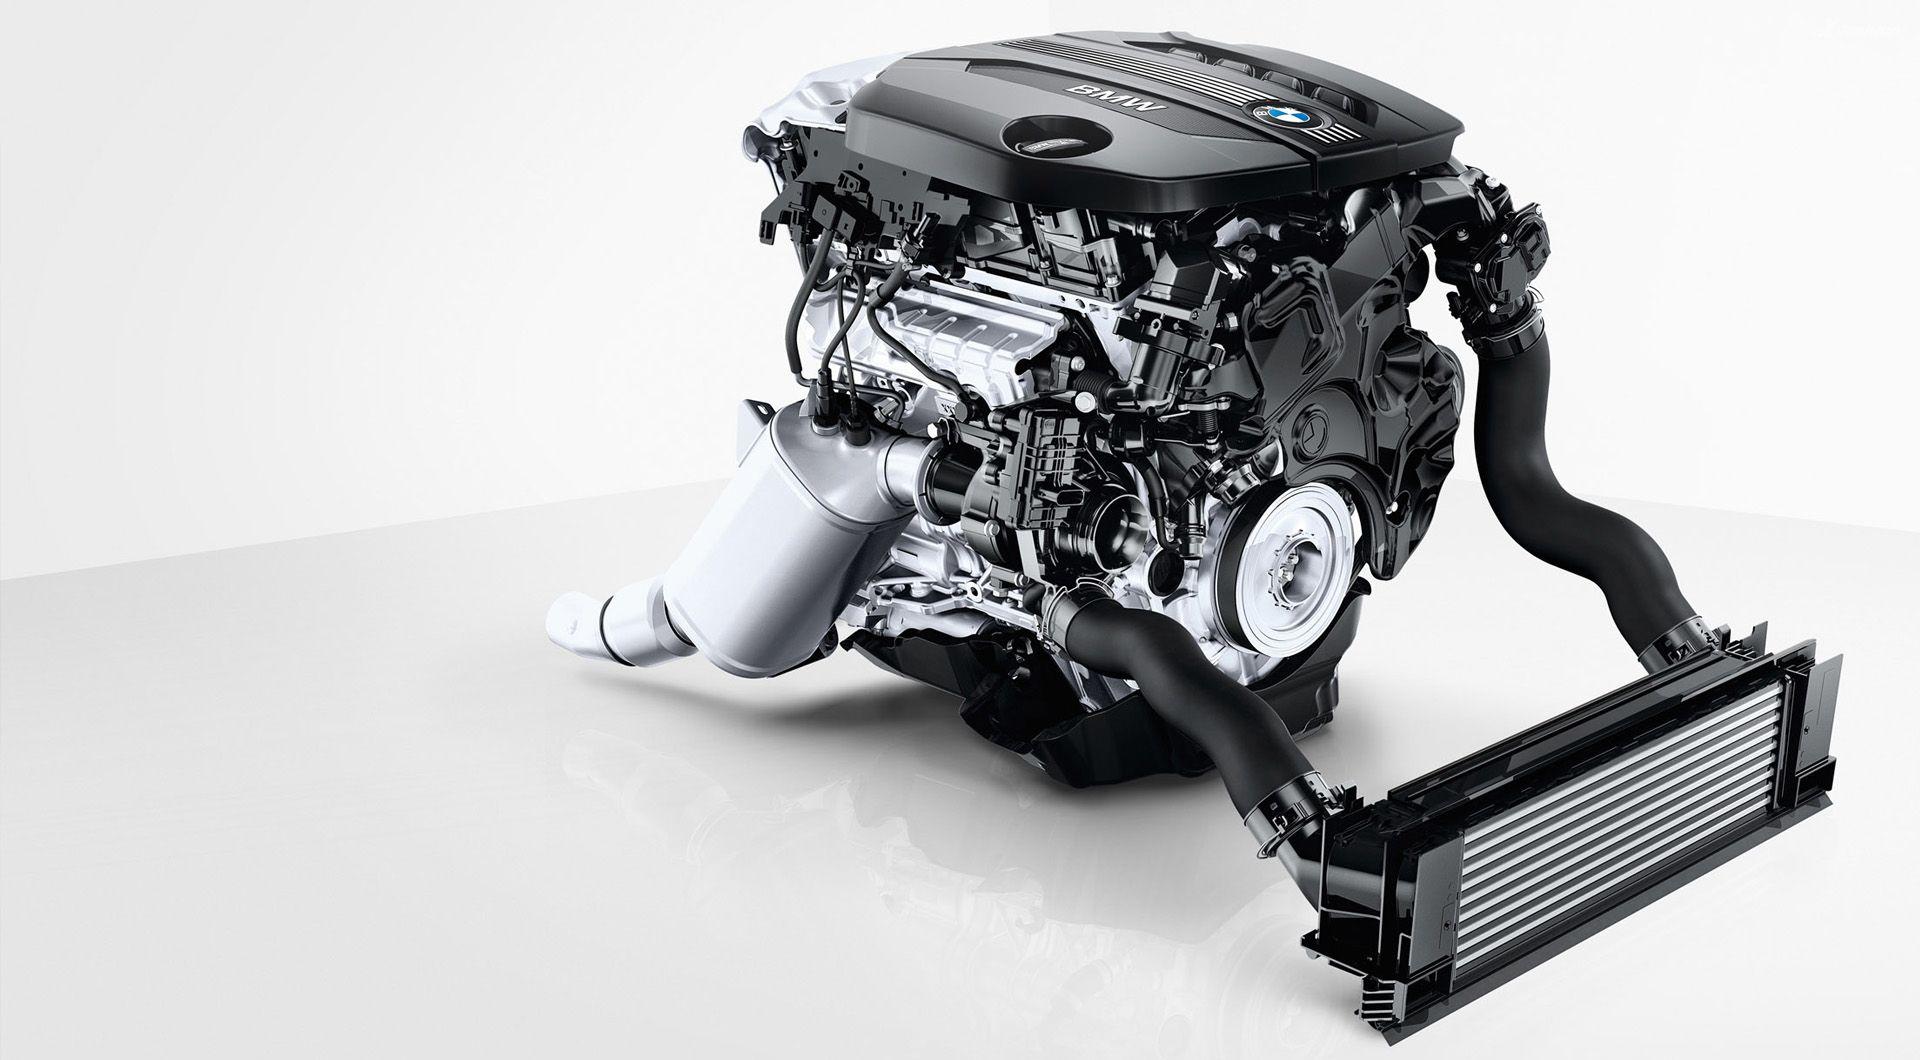 BMW N20B20 engine